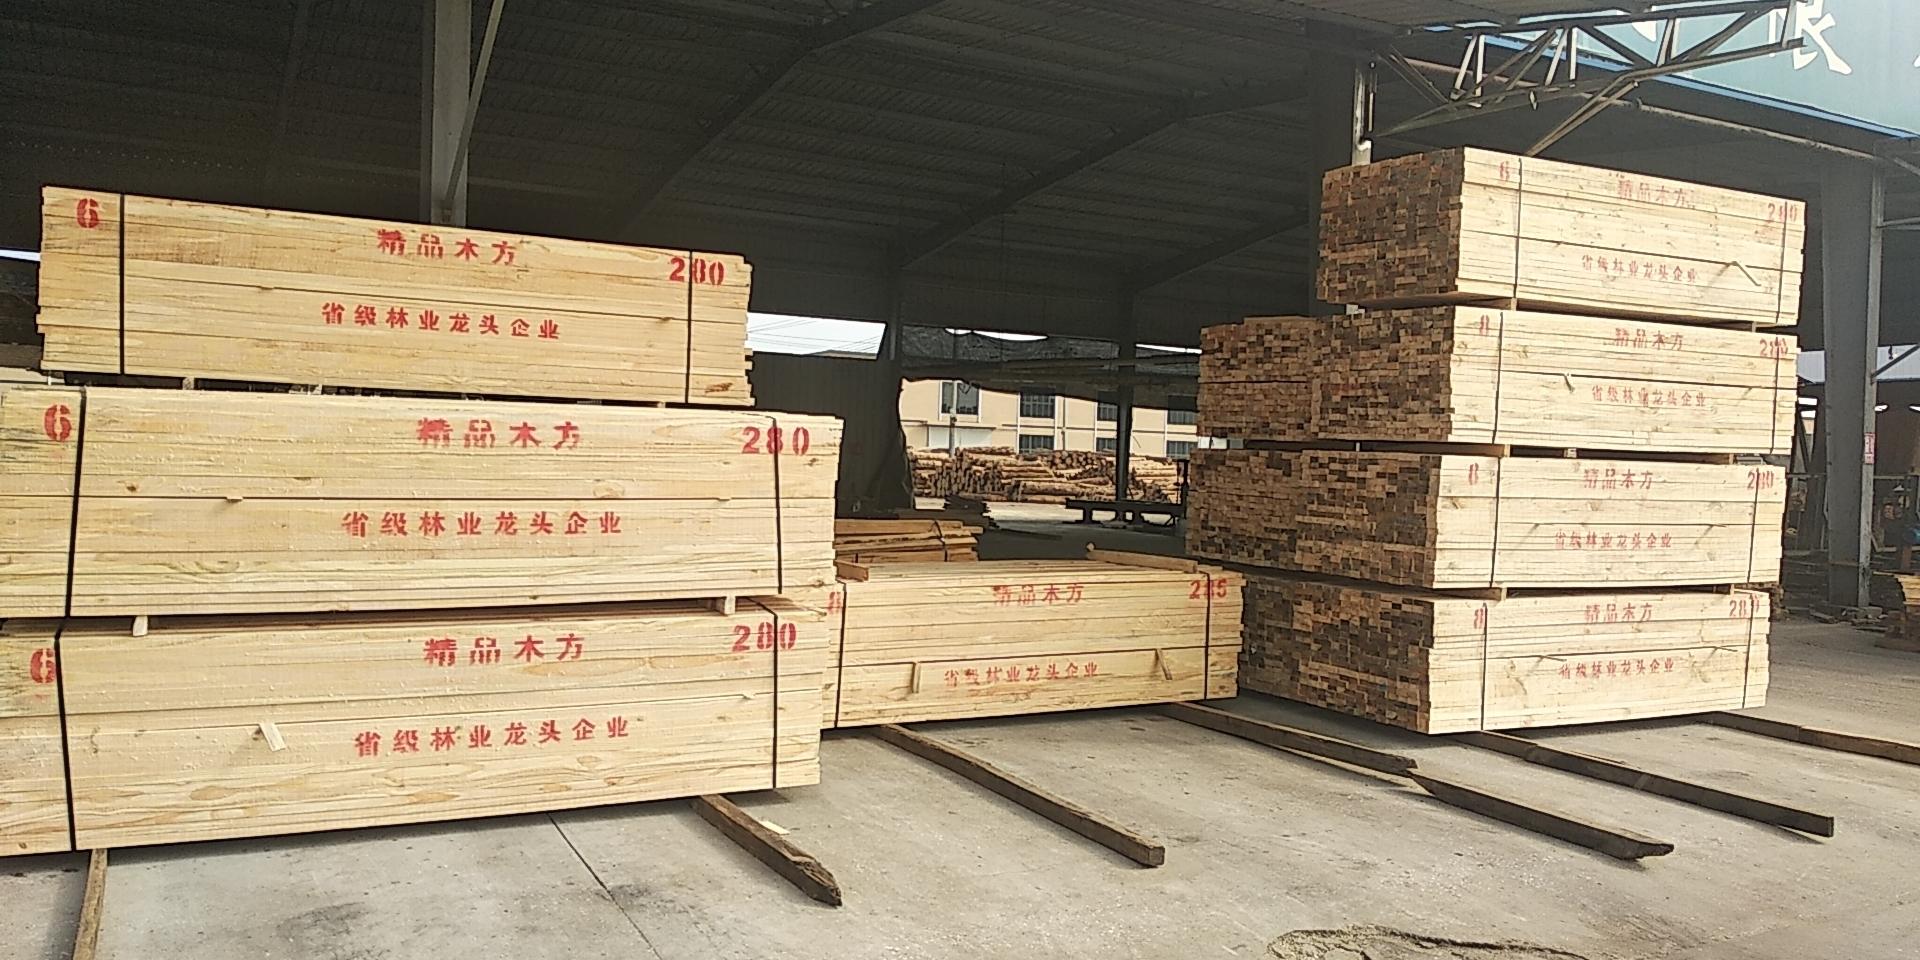 物价飞速上涨,木材加工厂还能坐得住吗?